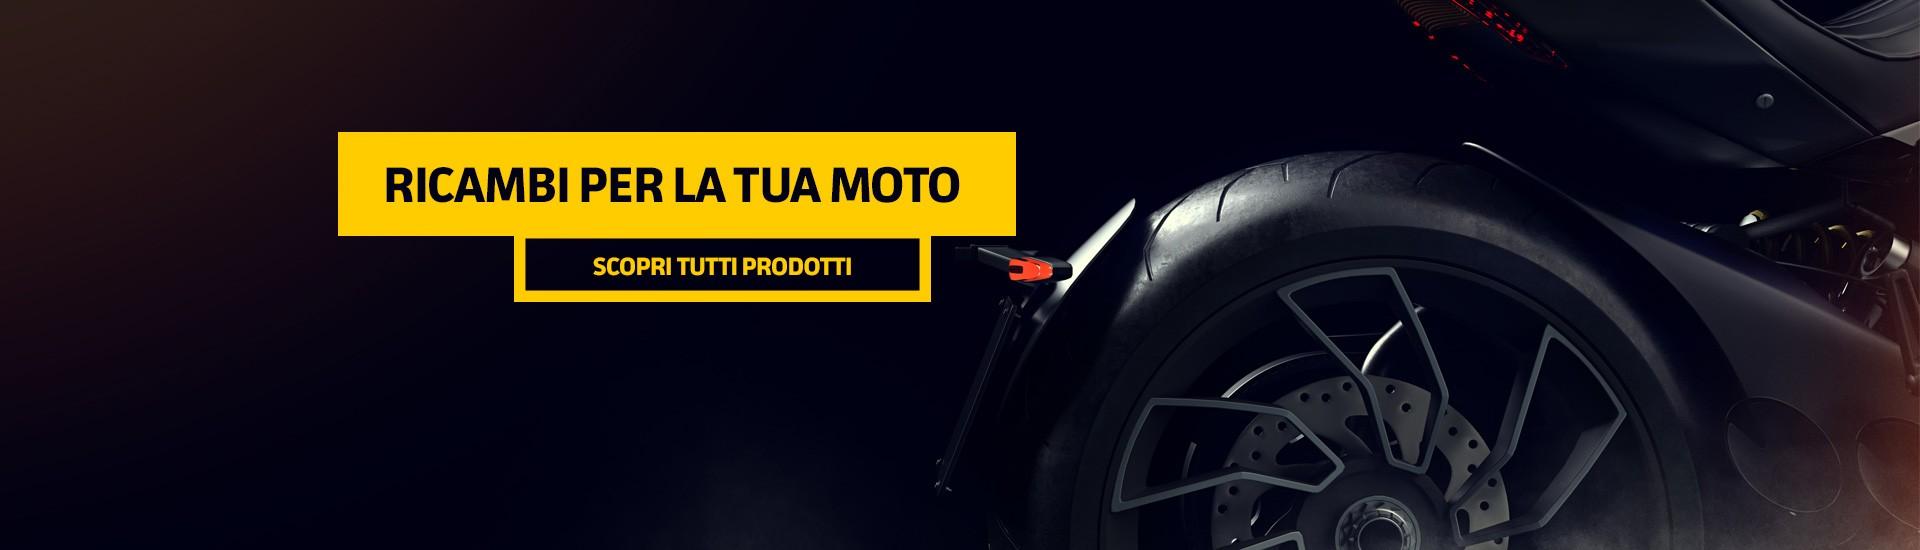 Ricambi e accessori per moto, scooter, maxi scooter